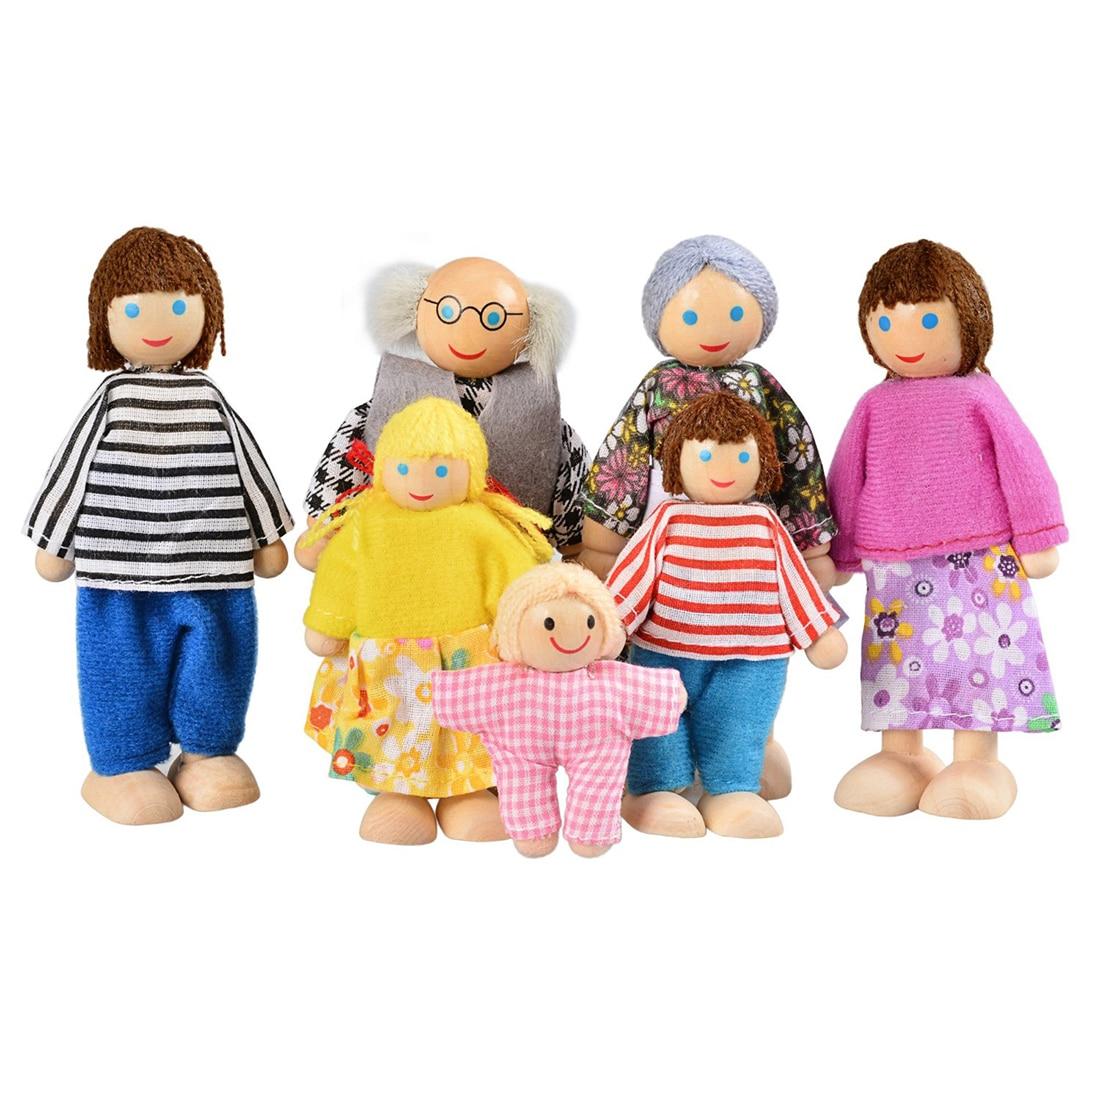 בובה שמח משפחה של 7 6 5 4 אנשים צעצוע מעץ - בובות ואביזרים